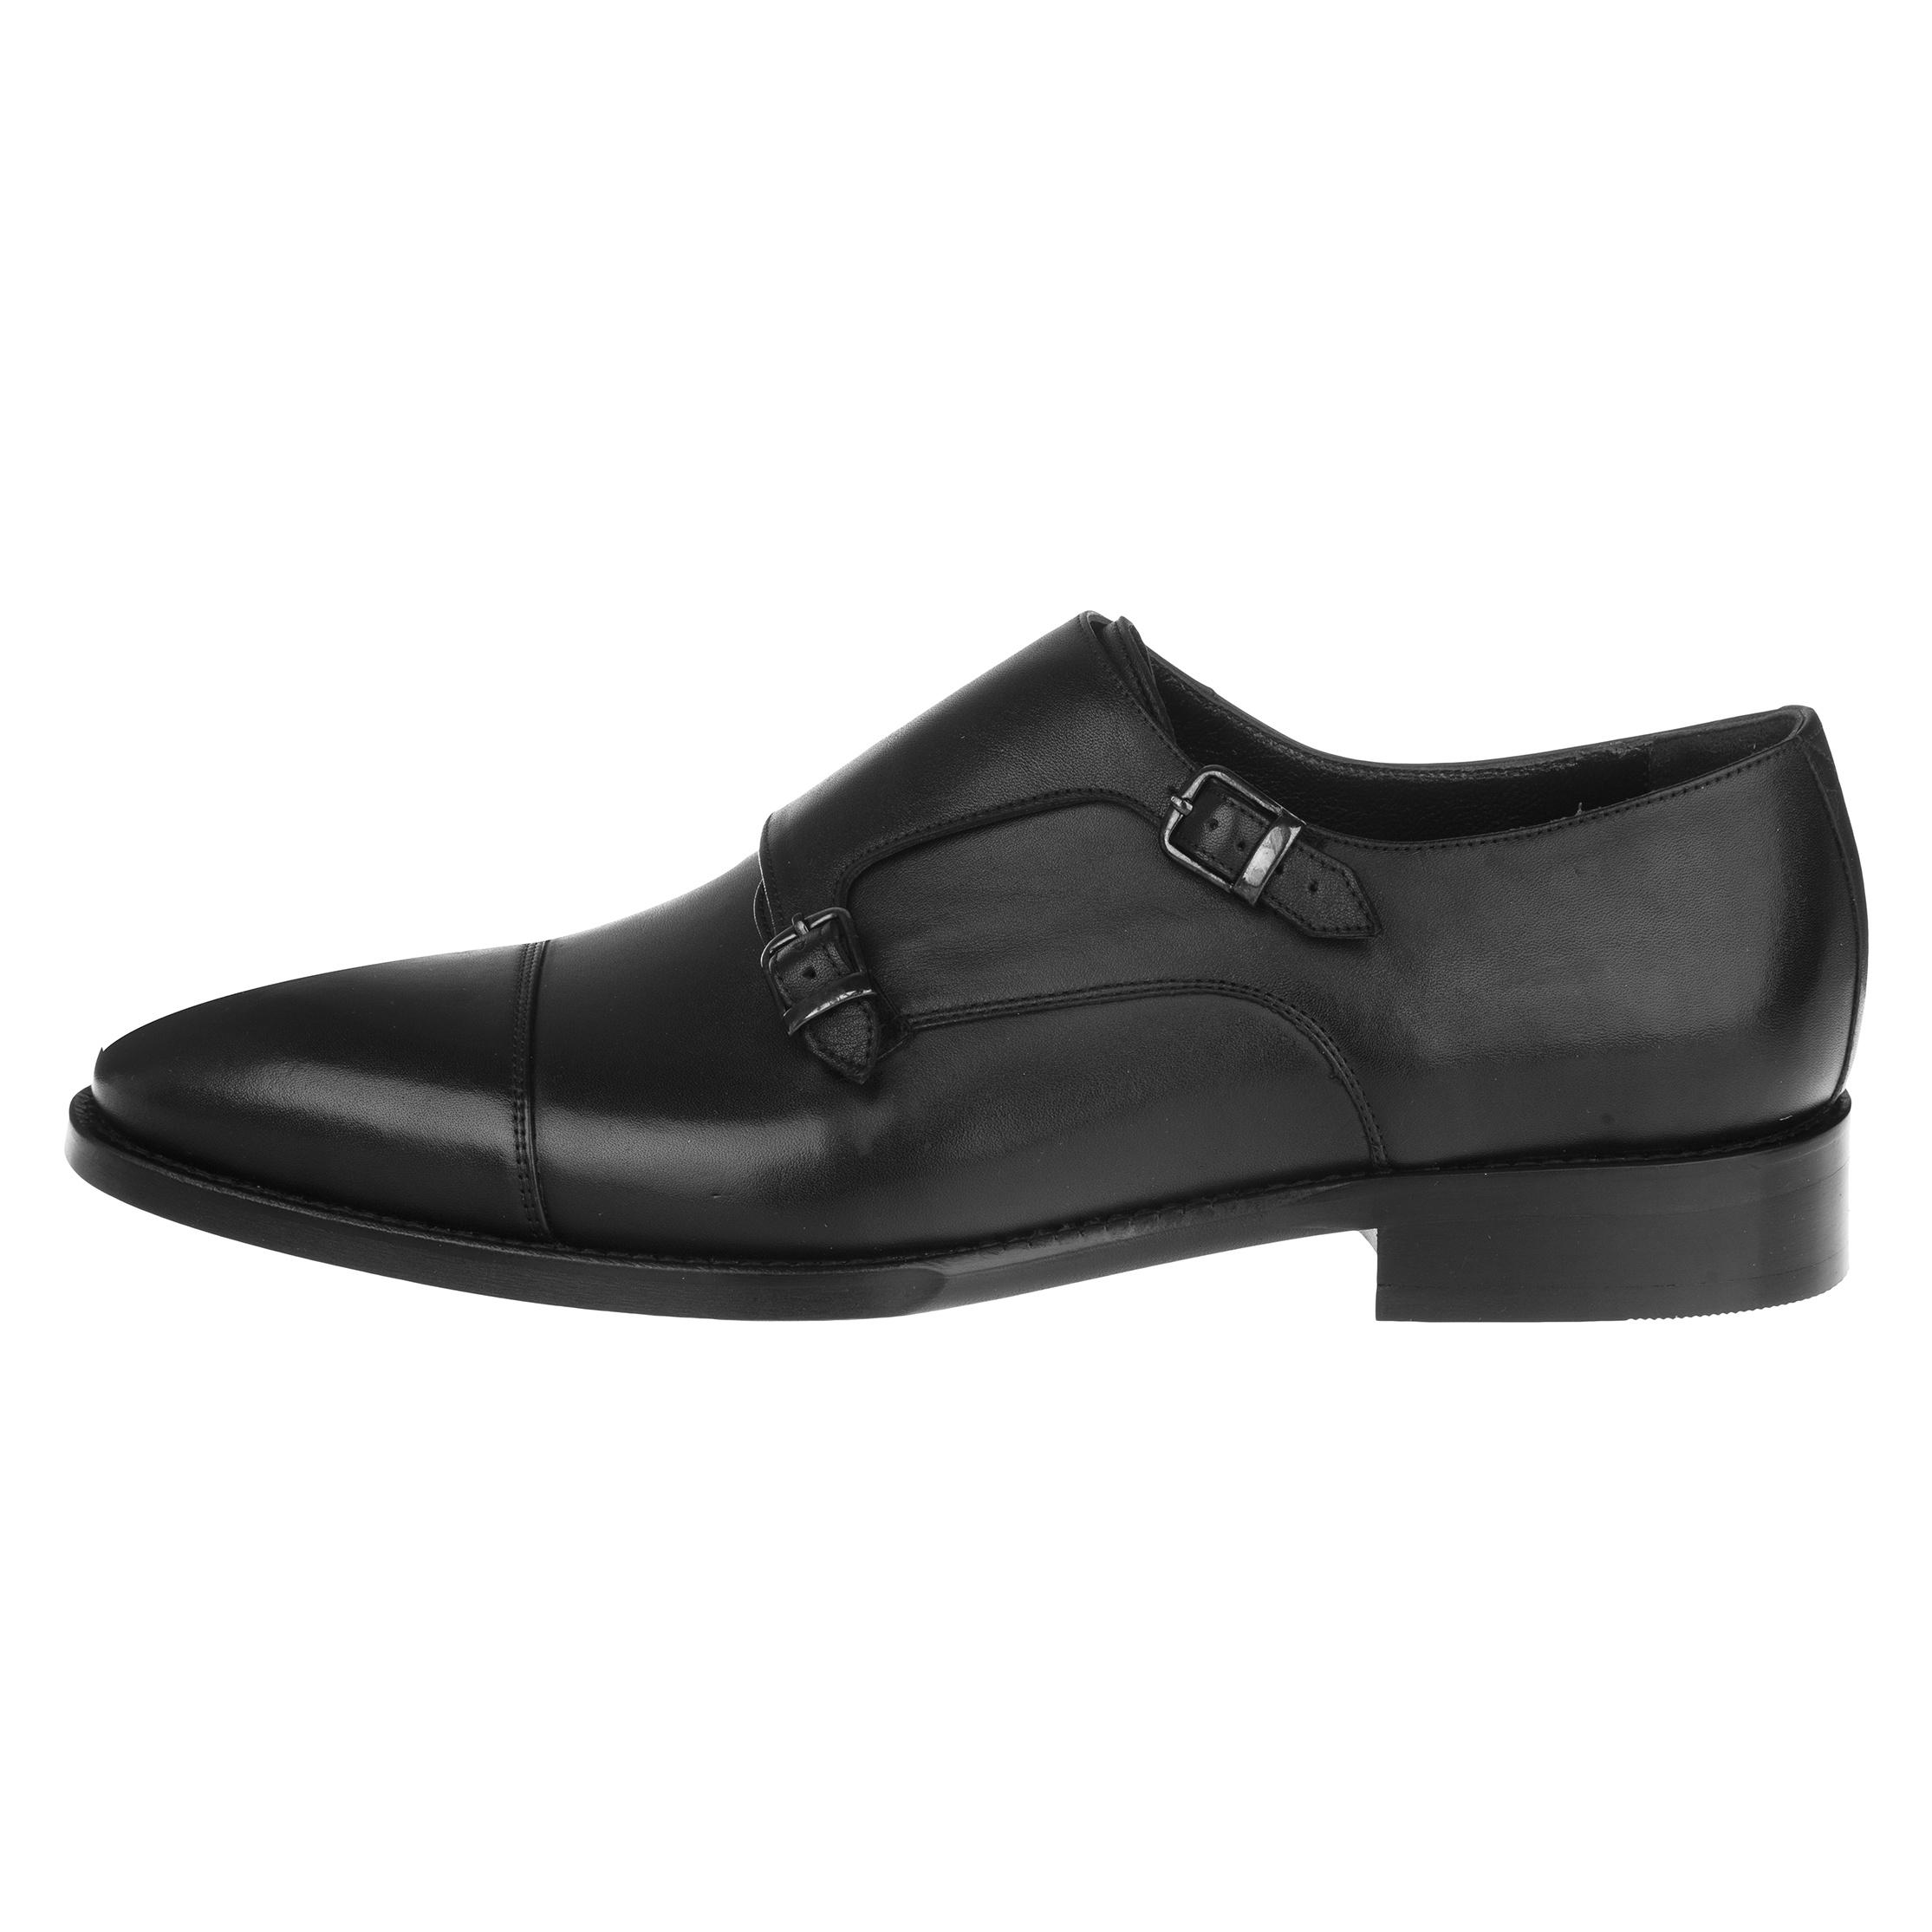 کفش مردانه گاندو مدل 99-723